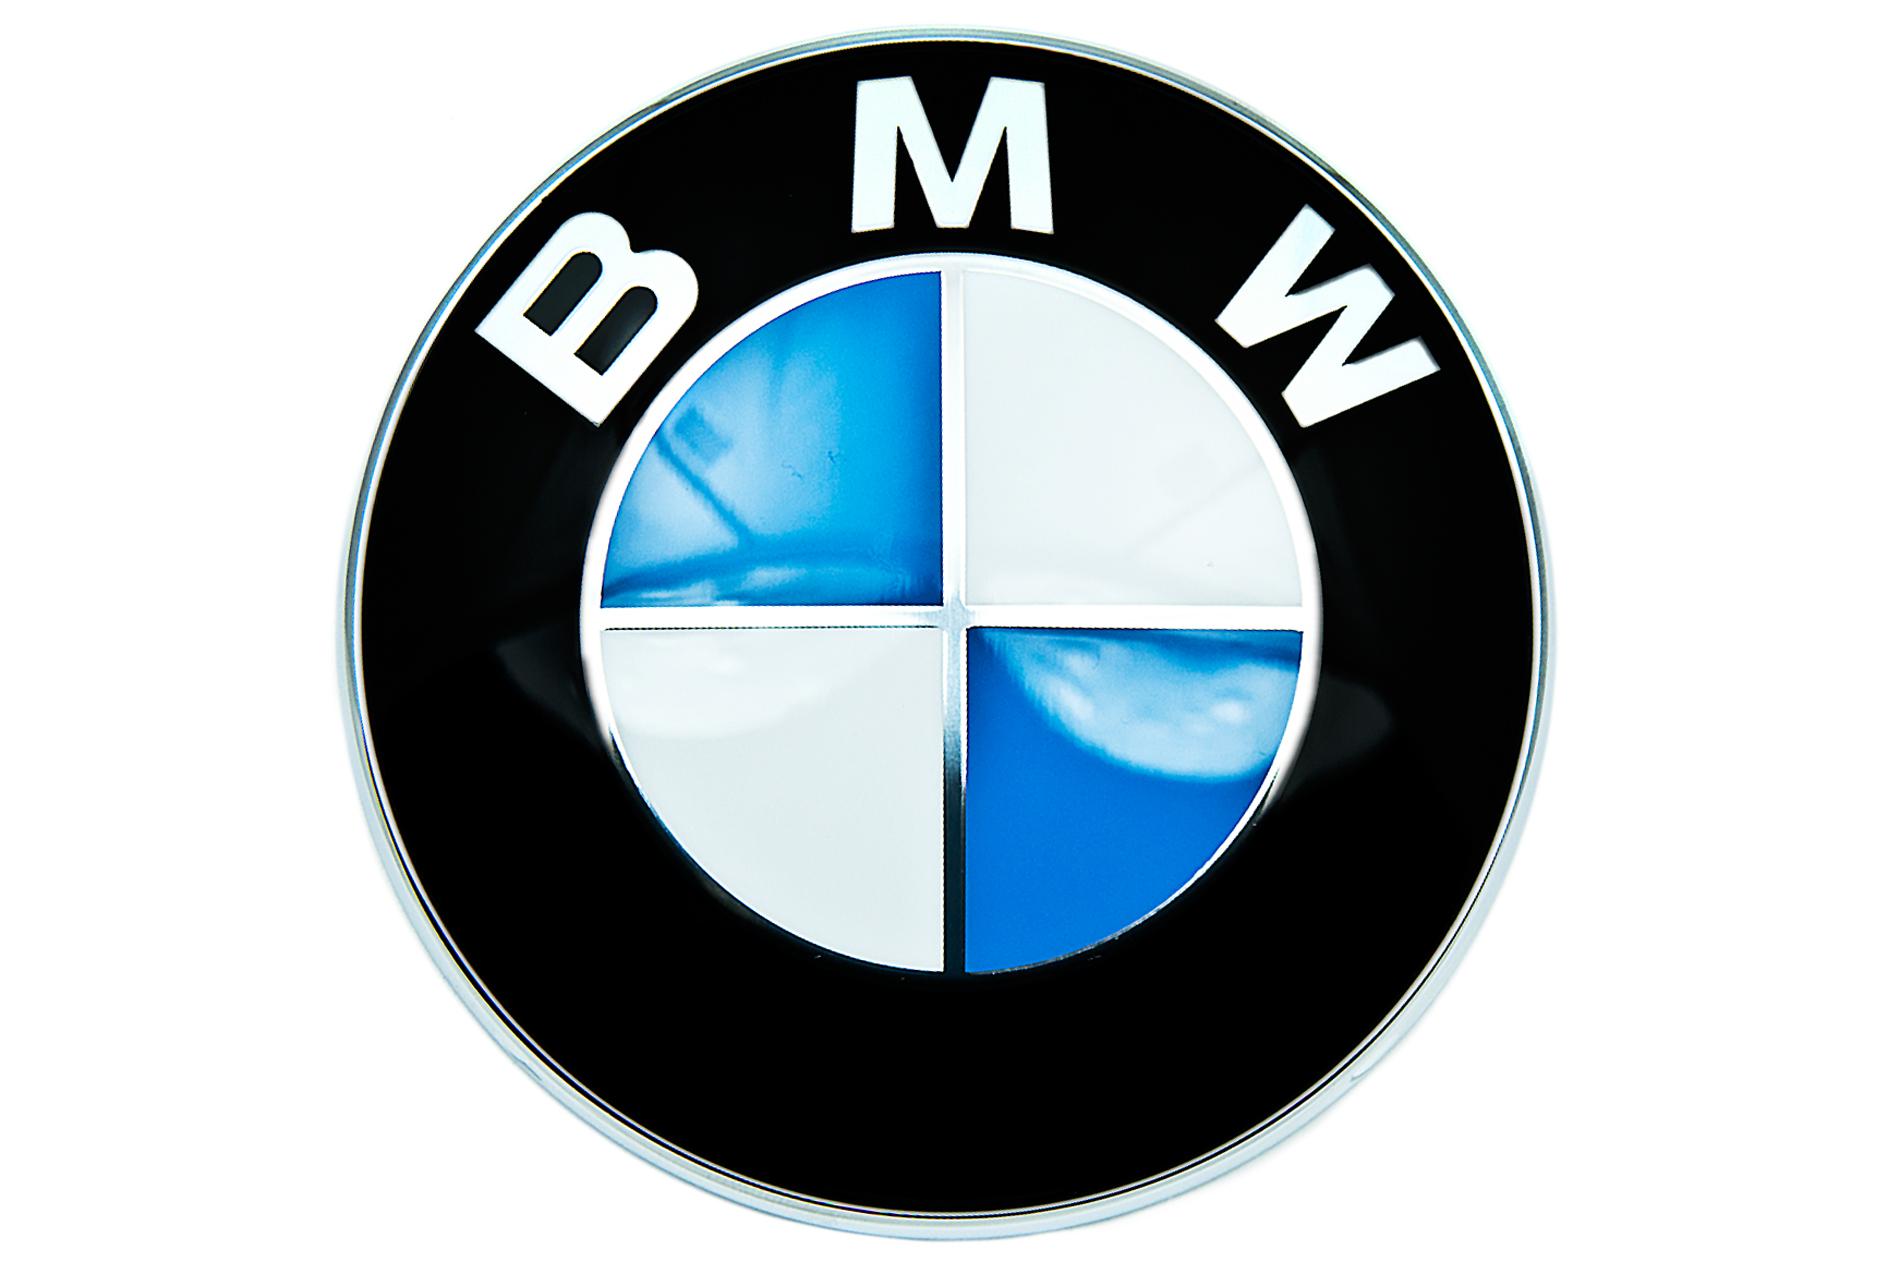 Moteurs diesel bmw for Change vos fenetre cas par cas logo